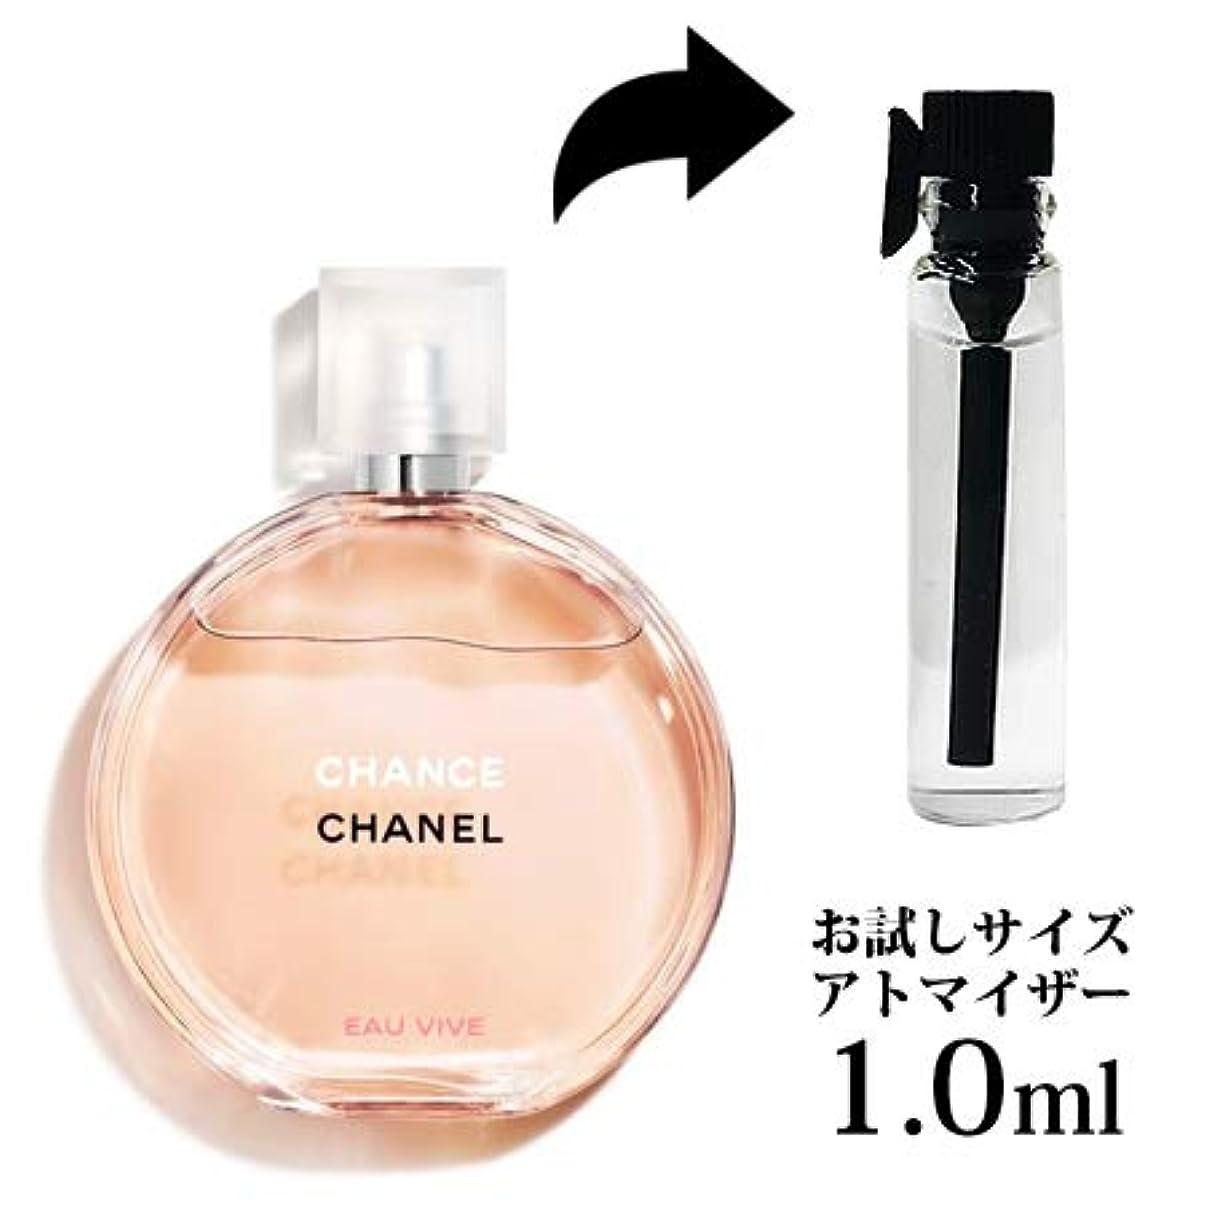 に偏心うつシャネル チャンス オーヴィーヴ オードトワレ EDT 1ml -CHANEL- 【並行輸入品】